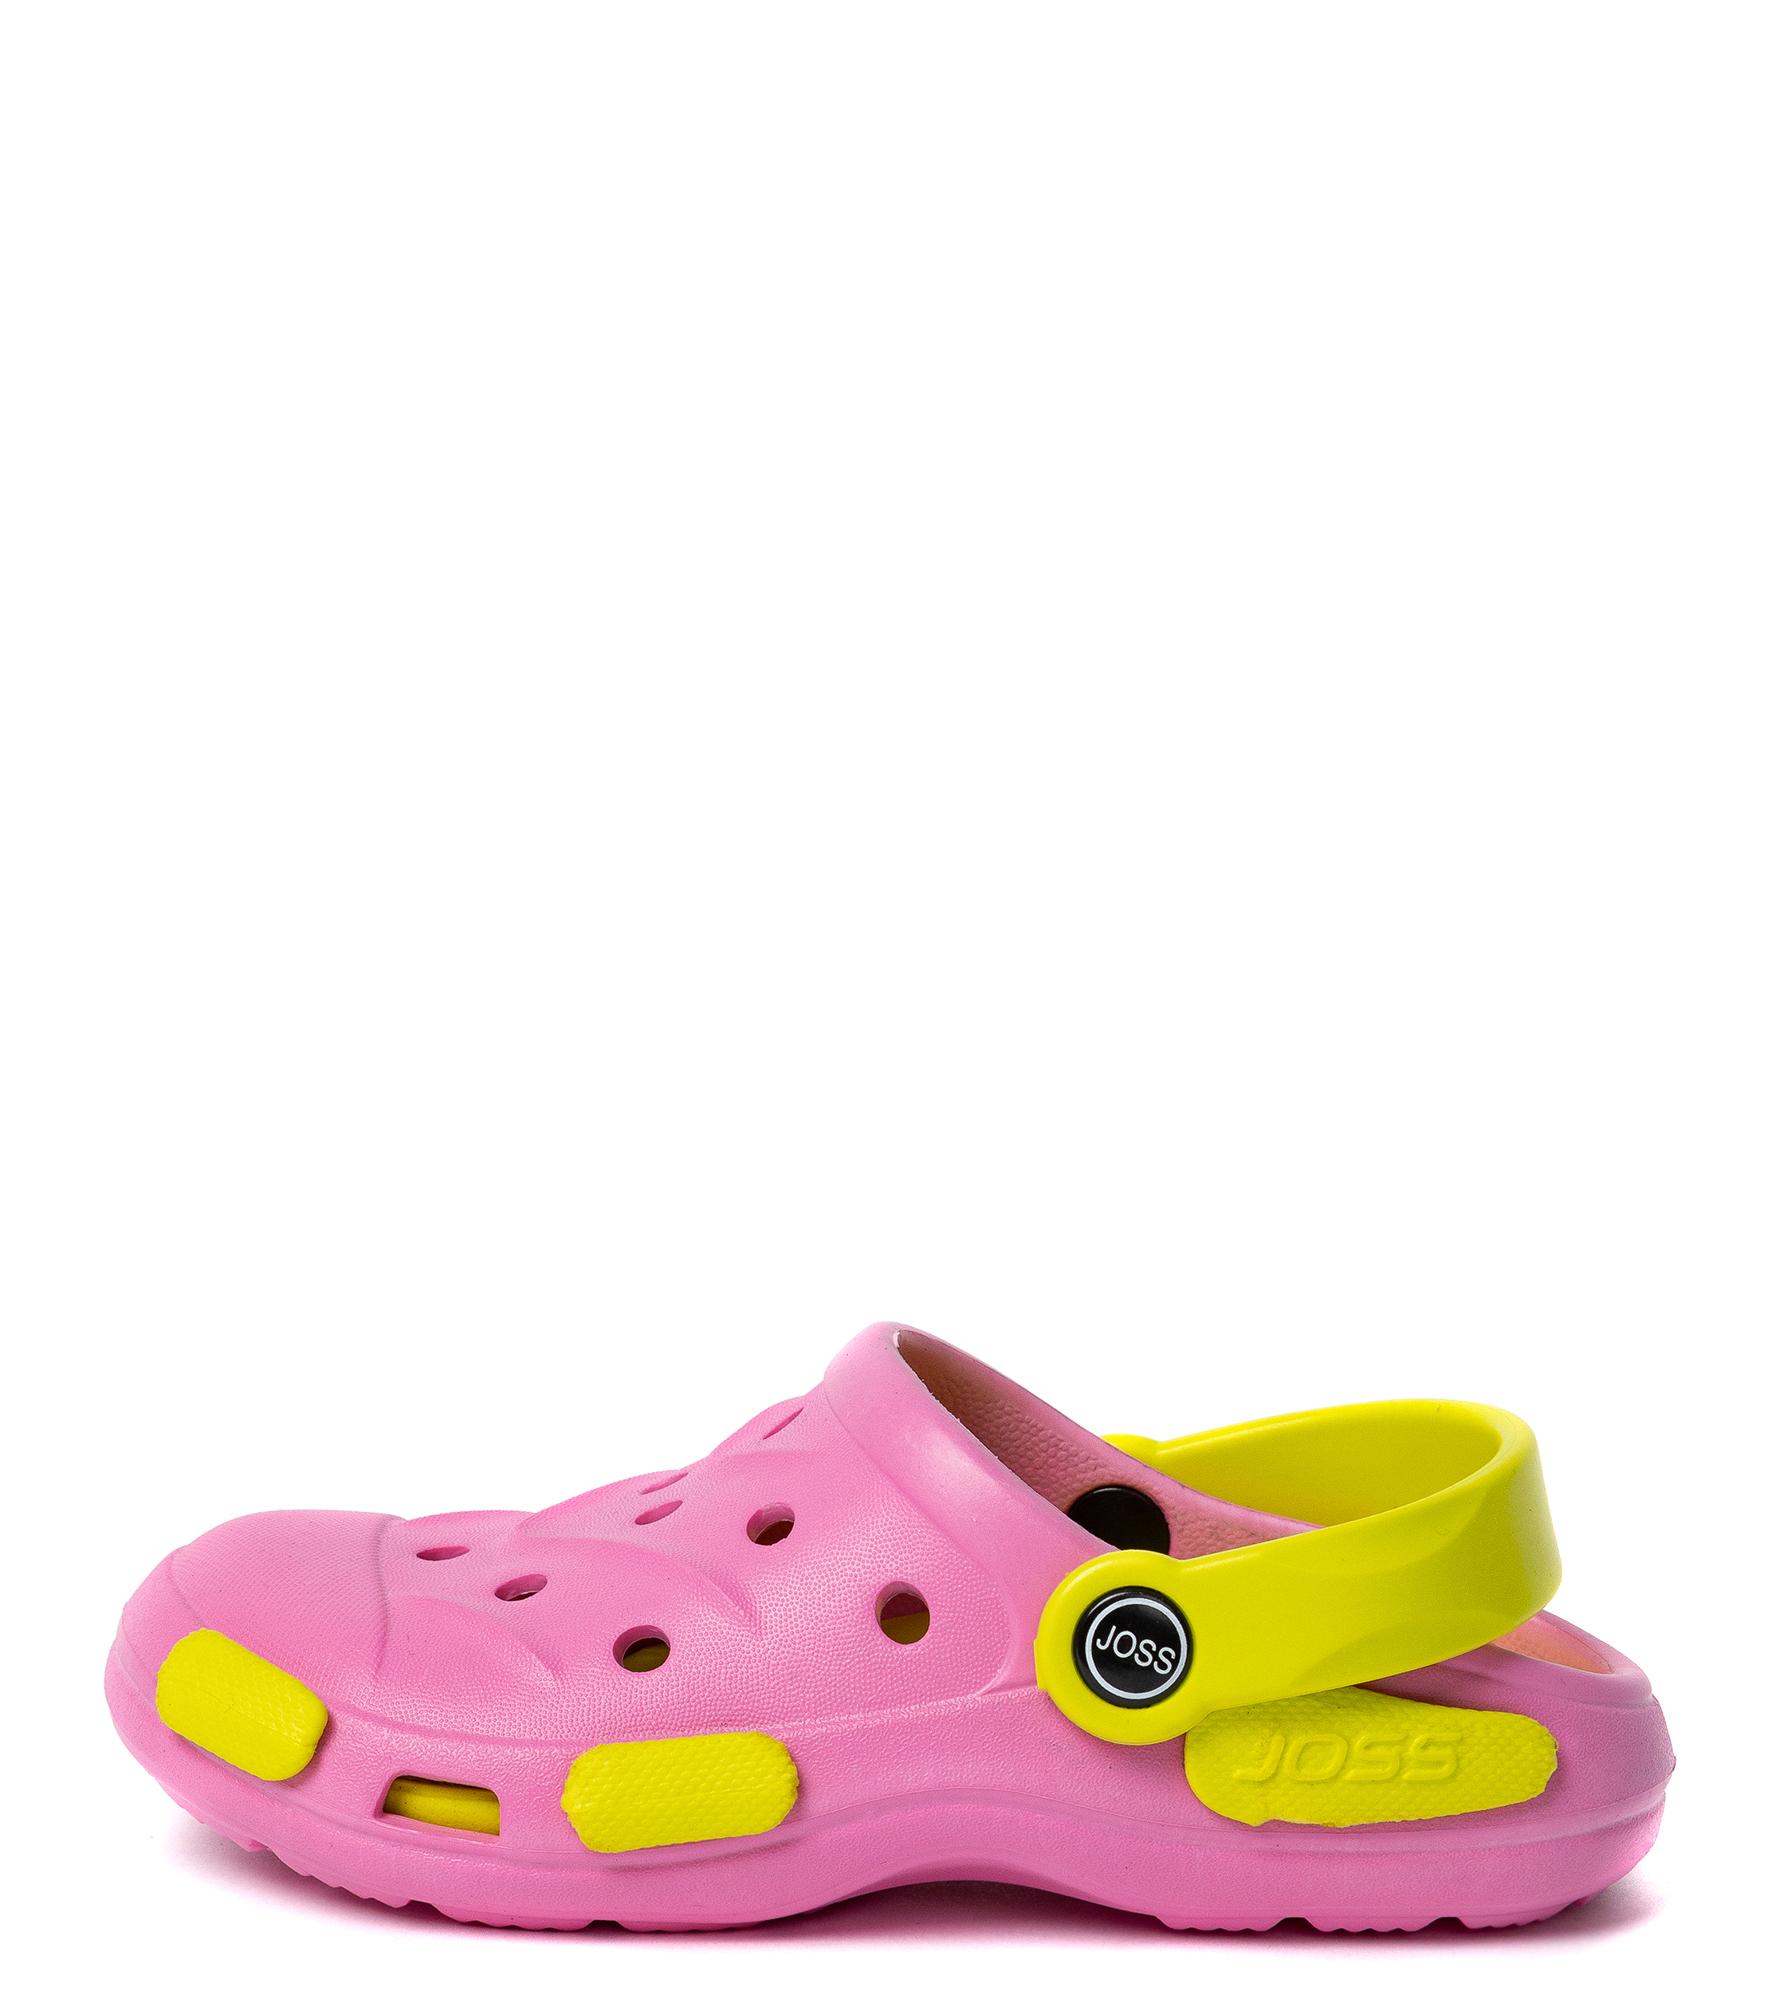 Joss Шлепанцы для девочек Joss Garden Shoes, размер 26-27 цена 2017